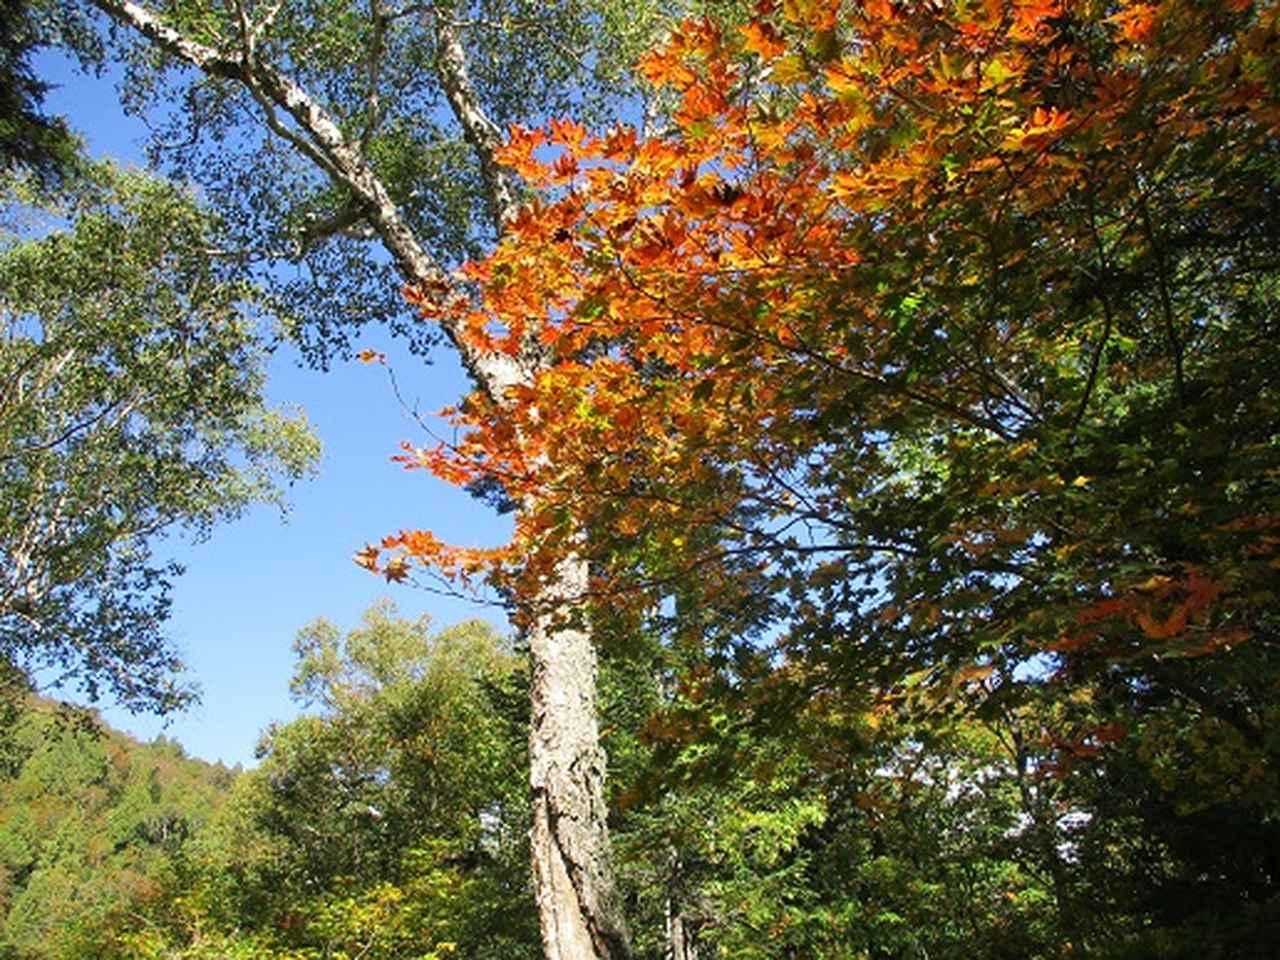 画像3: 【山旅会・登山ガイドこだわりツアー】岡田ガイドからの便り・尾瀬燧裏林道ツアーの下見にいってまいりました!